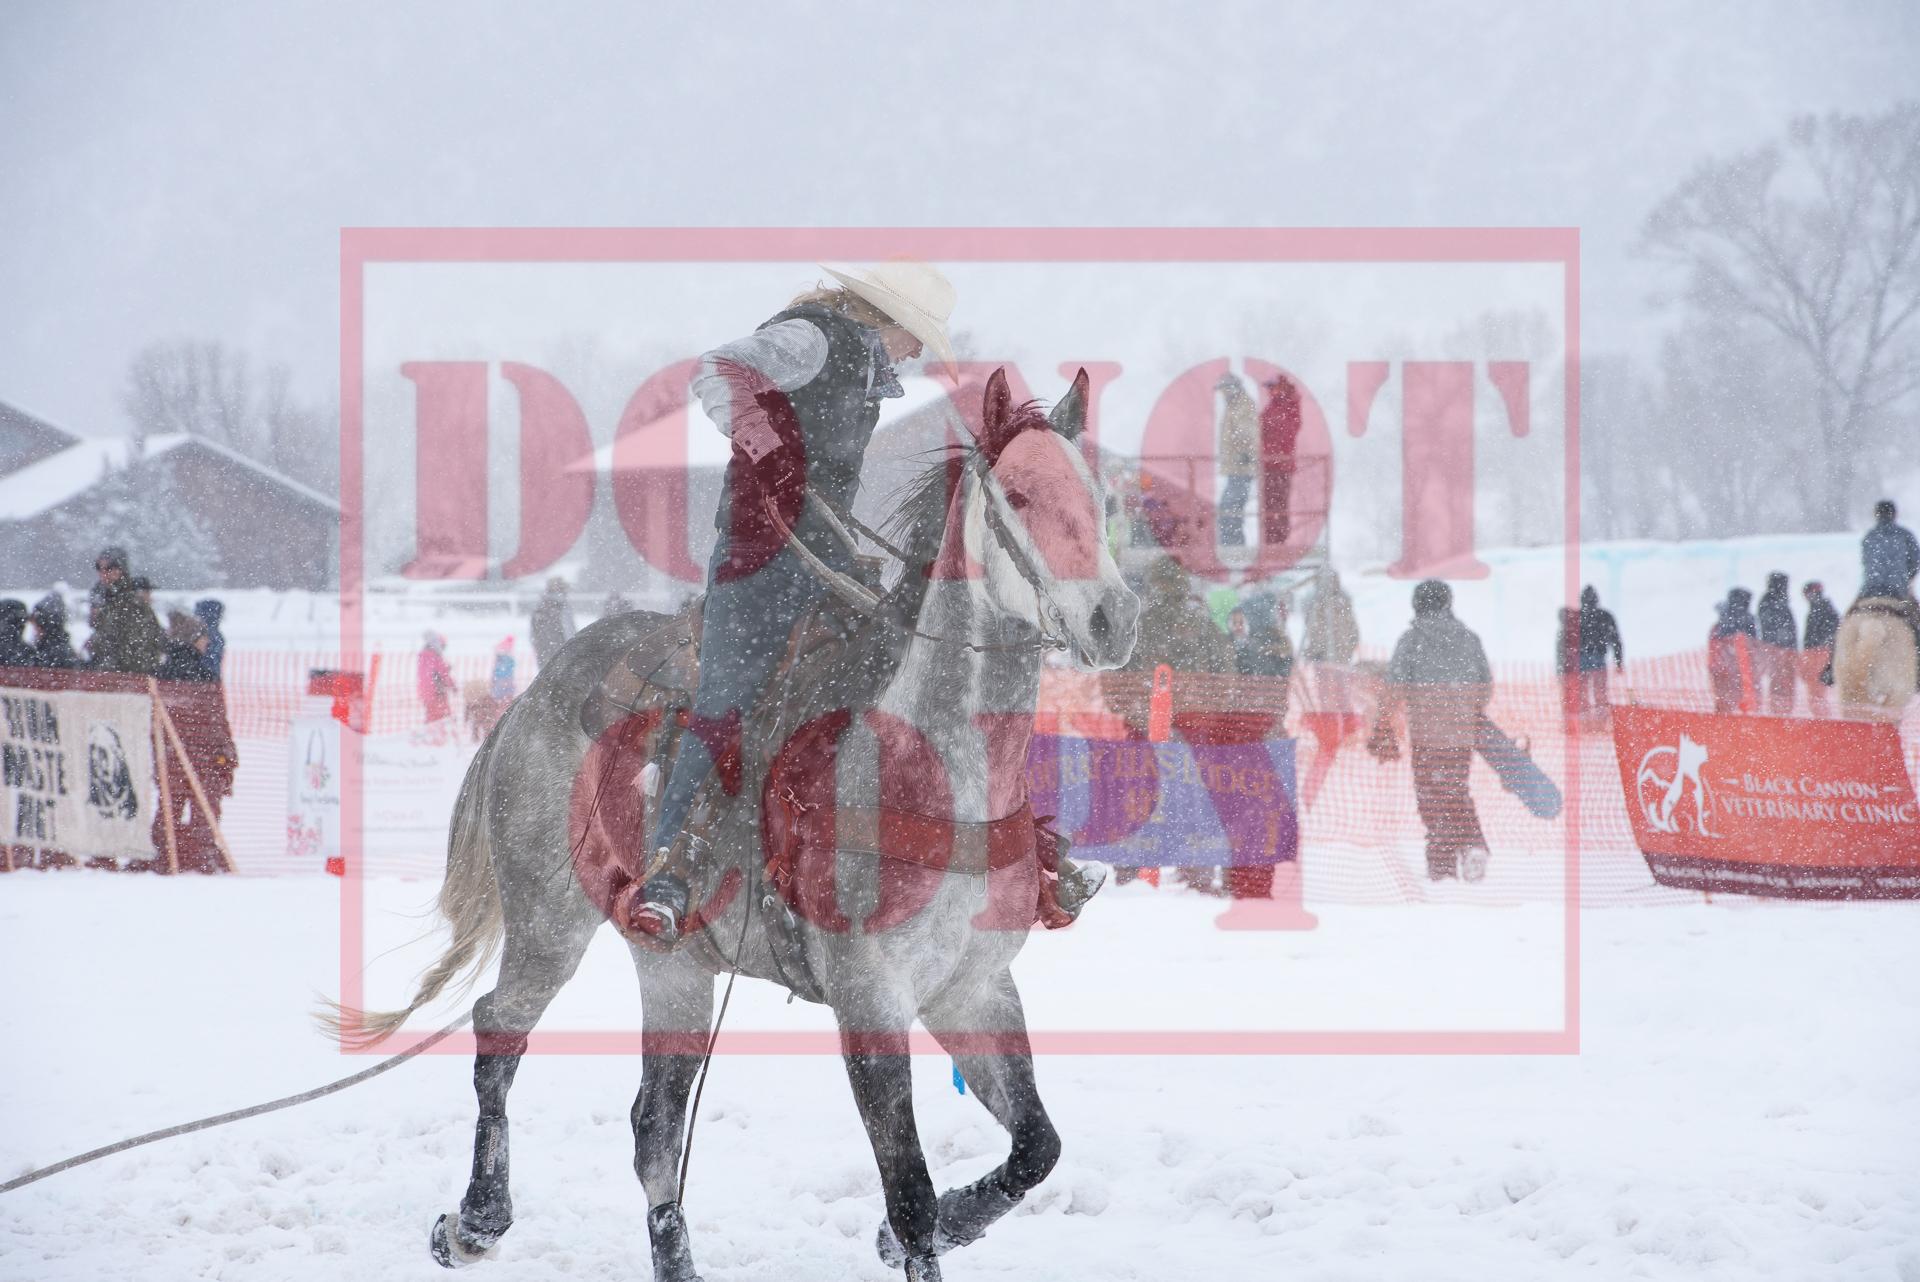 - Claudia Schmidt - Snowboard 3